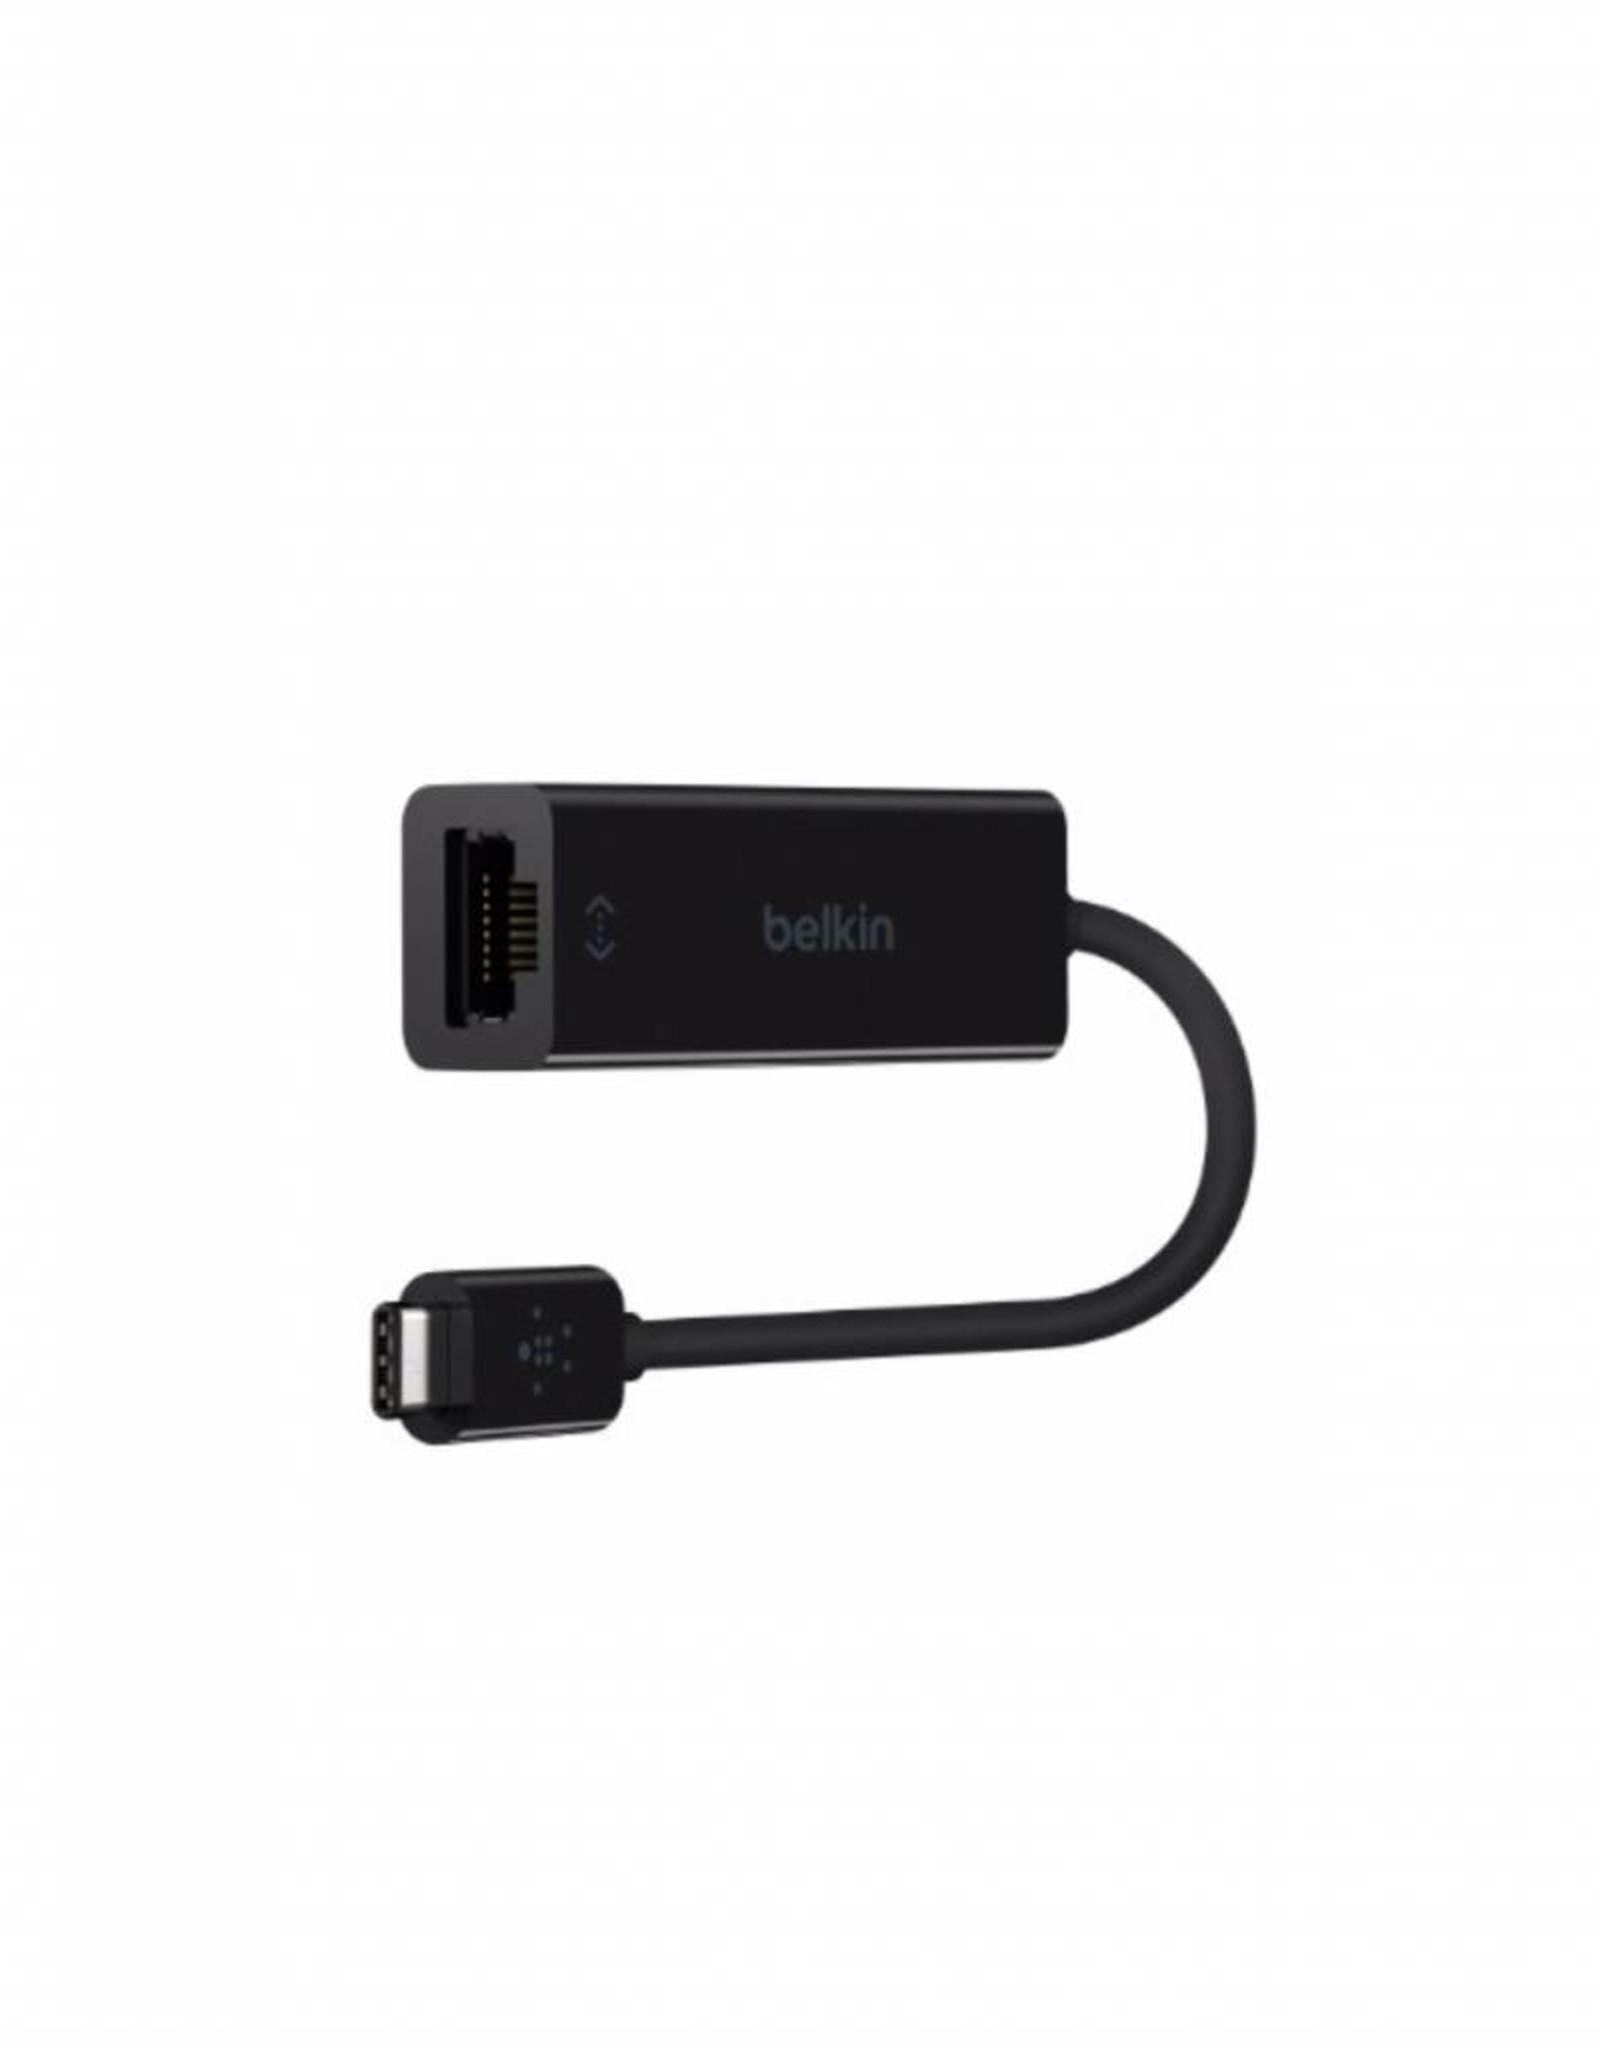 BELKIN BELKIN USB-C TO GIGABIT ETHERNET ADAPTER --BLACK